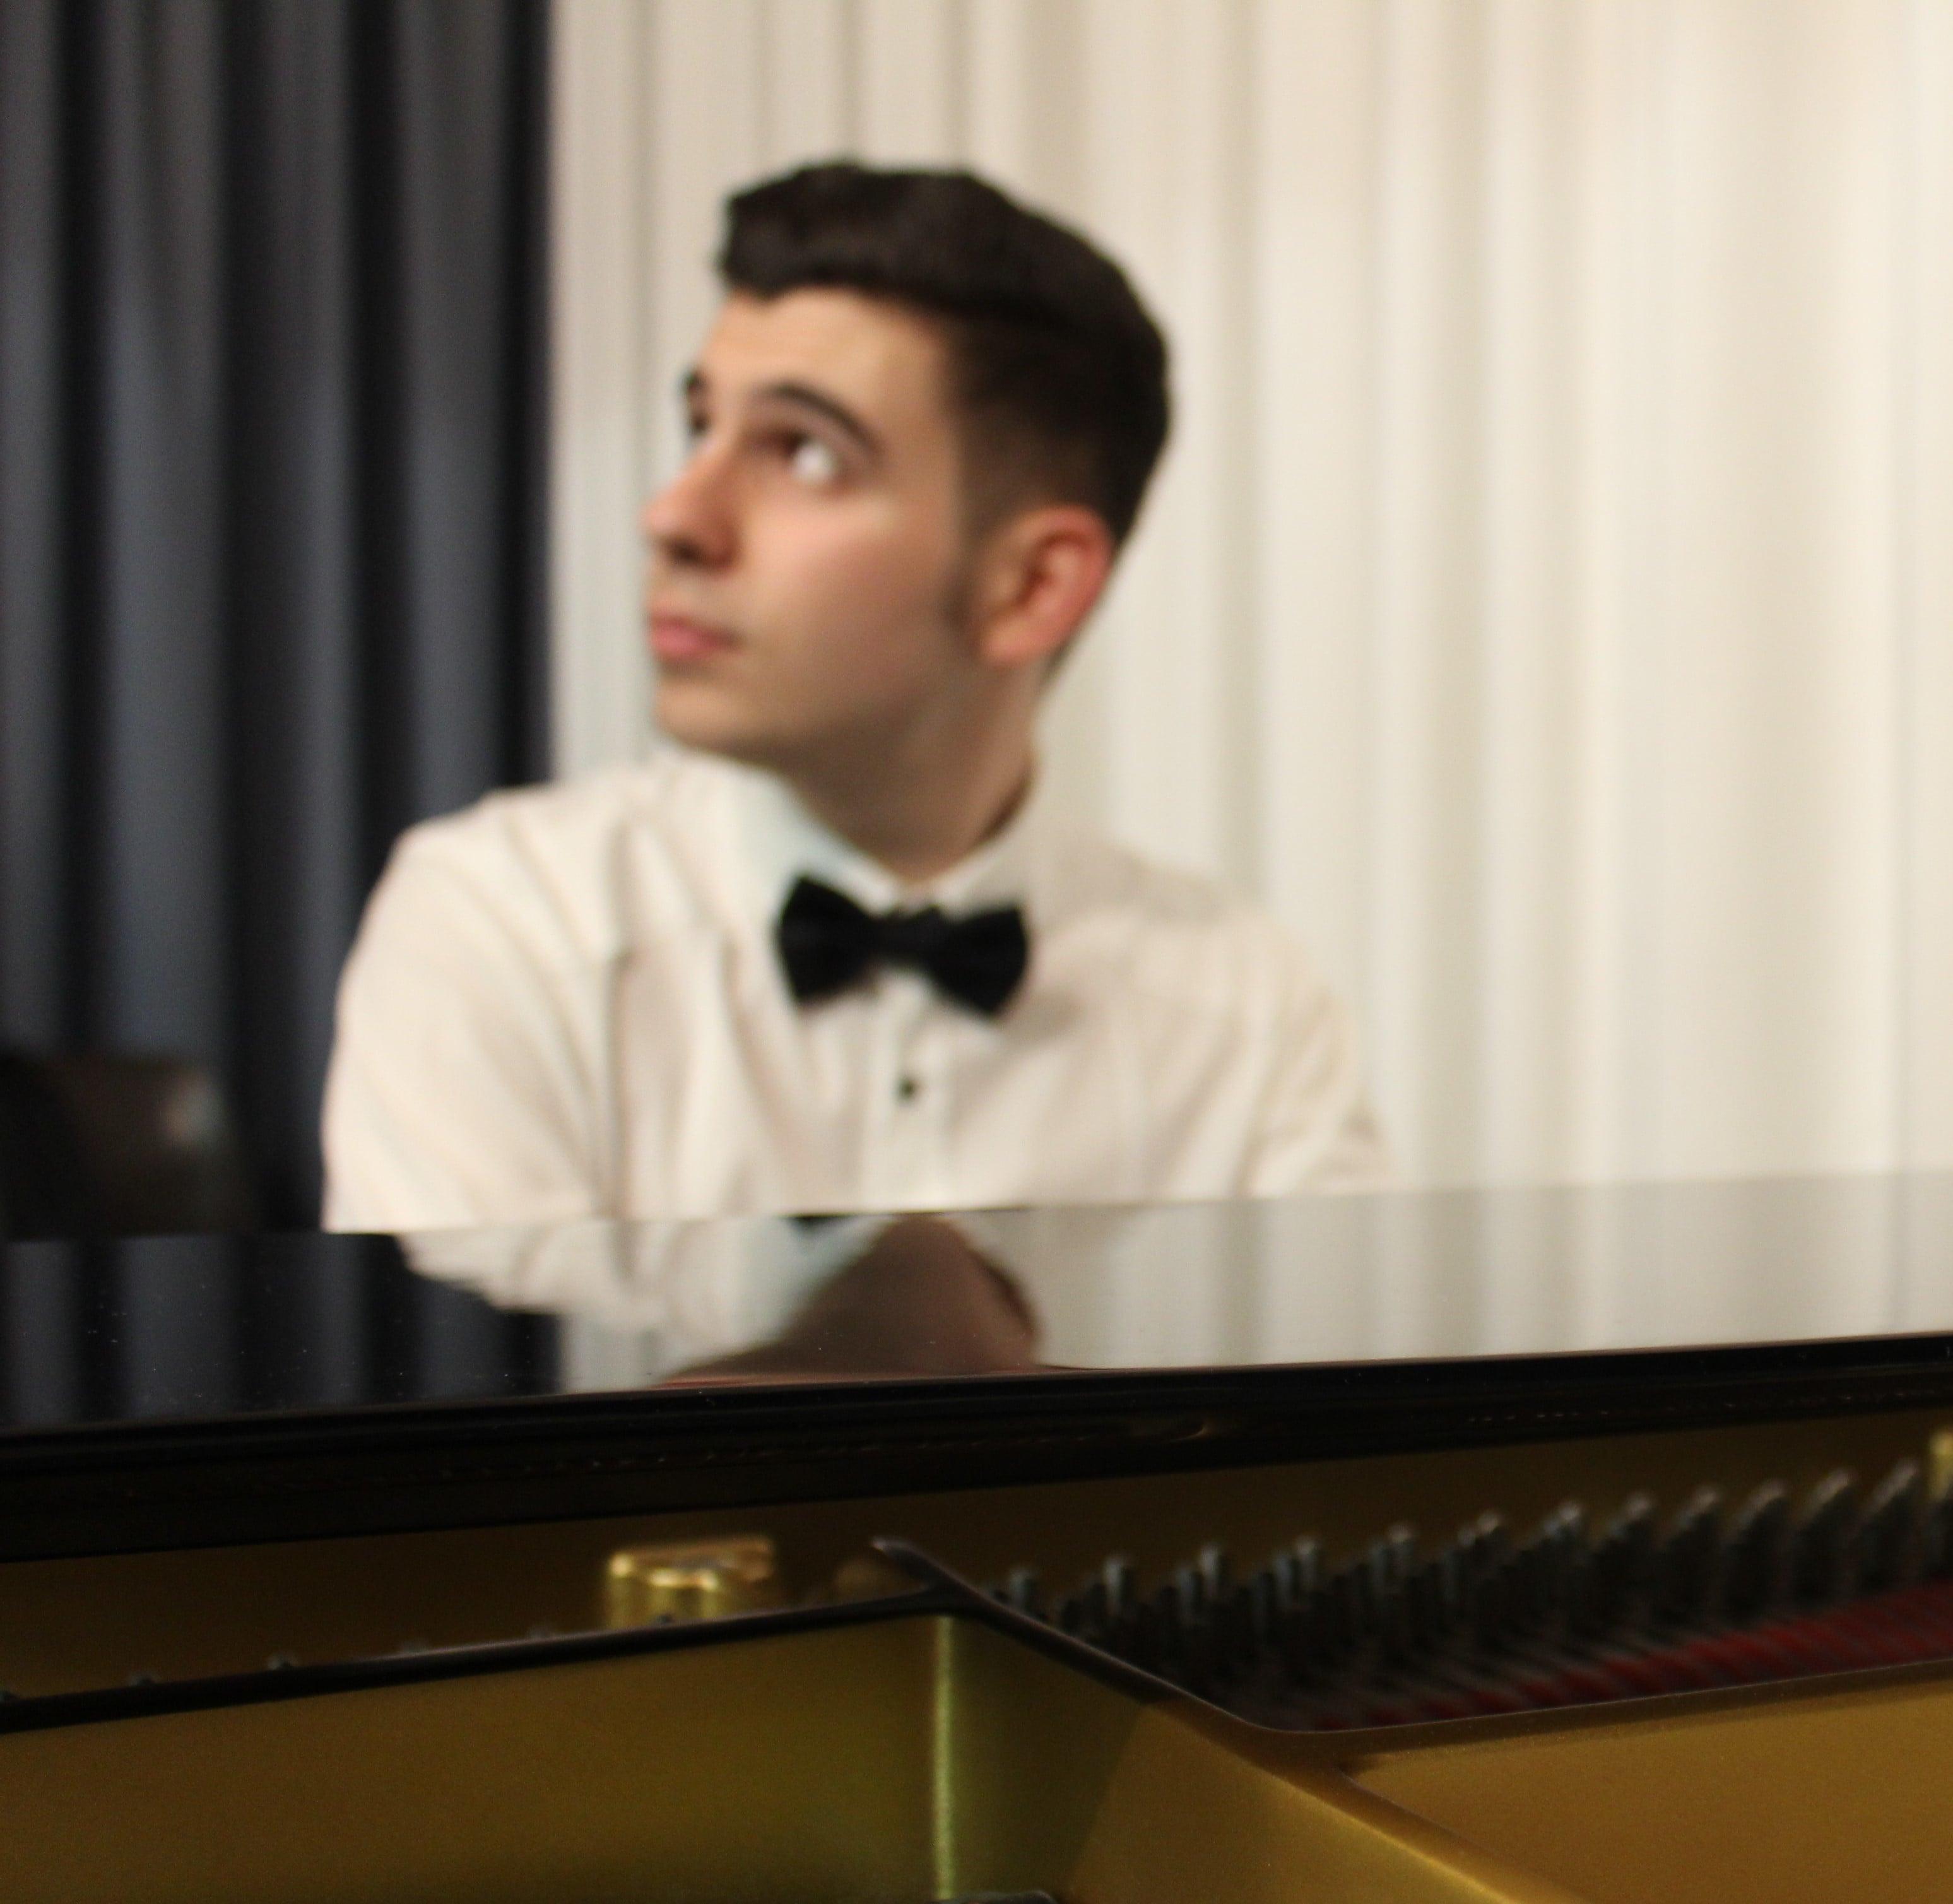 I migliori 20 corsi di pianoforte a Reggio Calabria (con